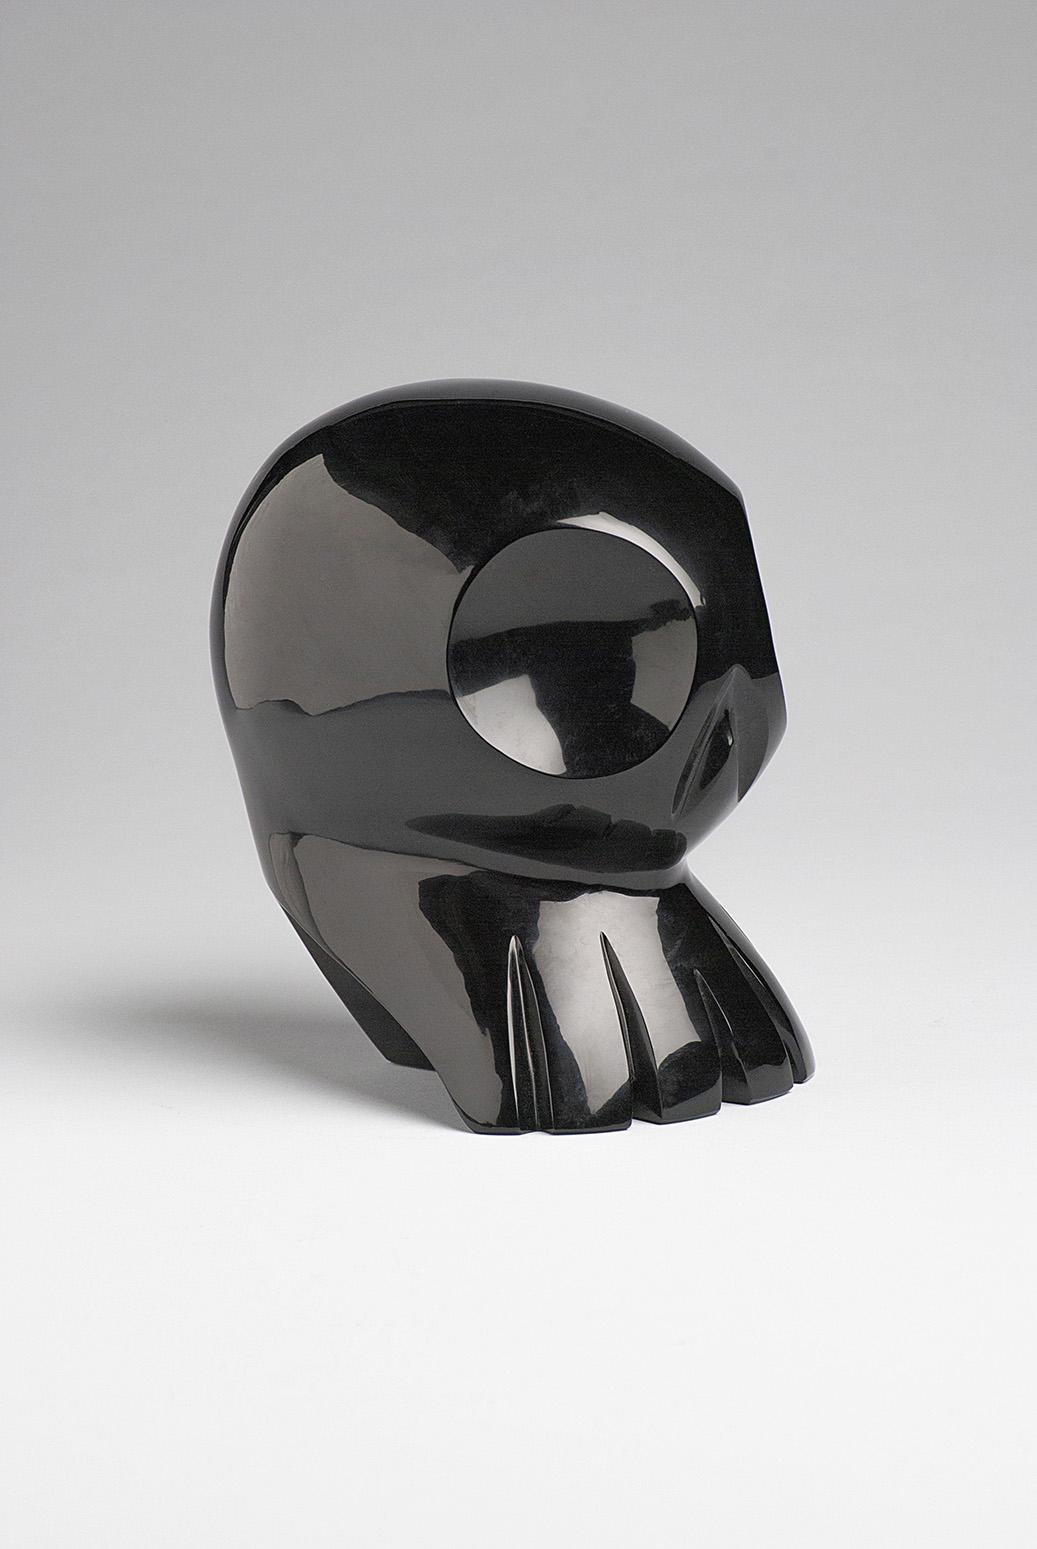 Alieno, Alien, skull sculptural Obsidian piece